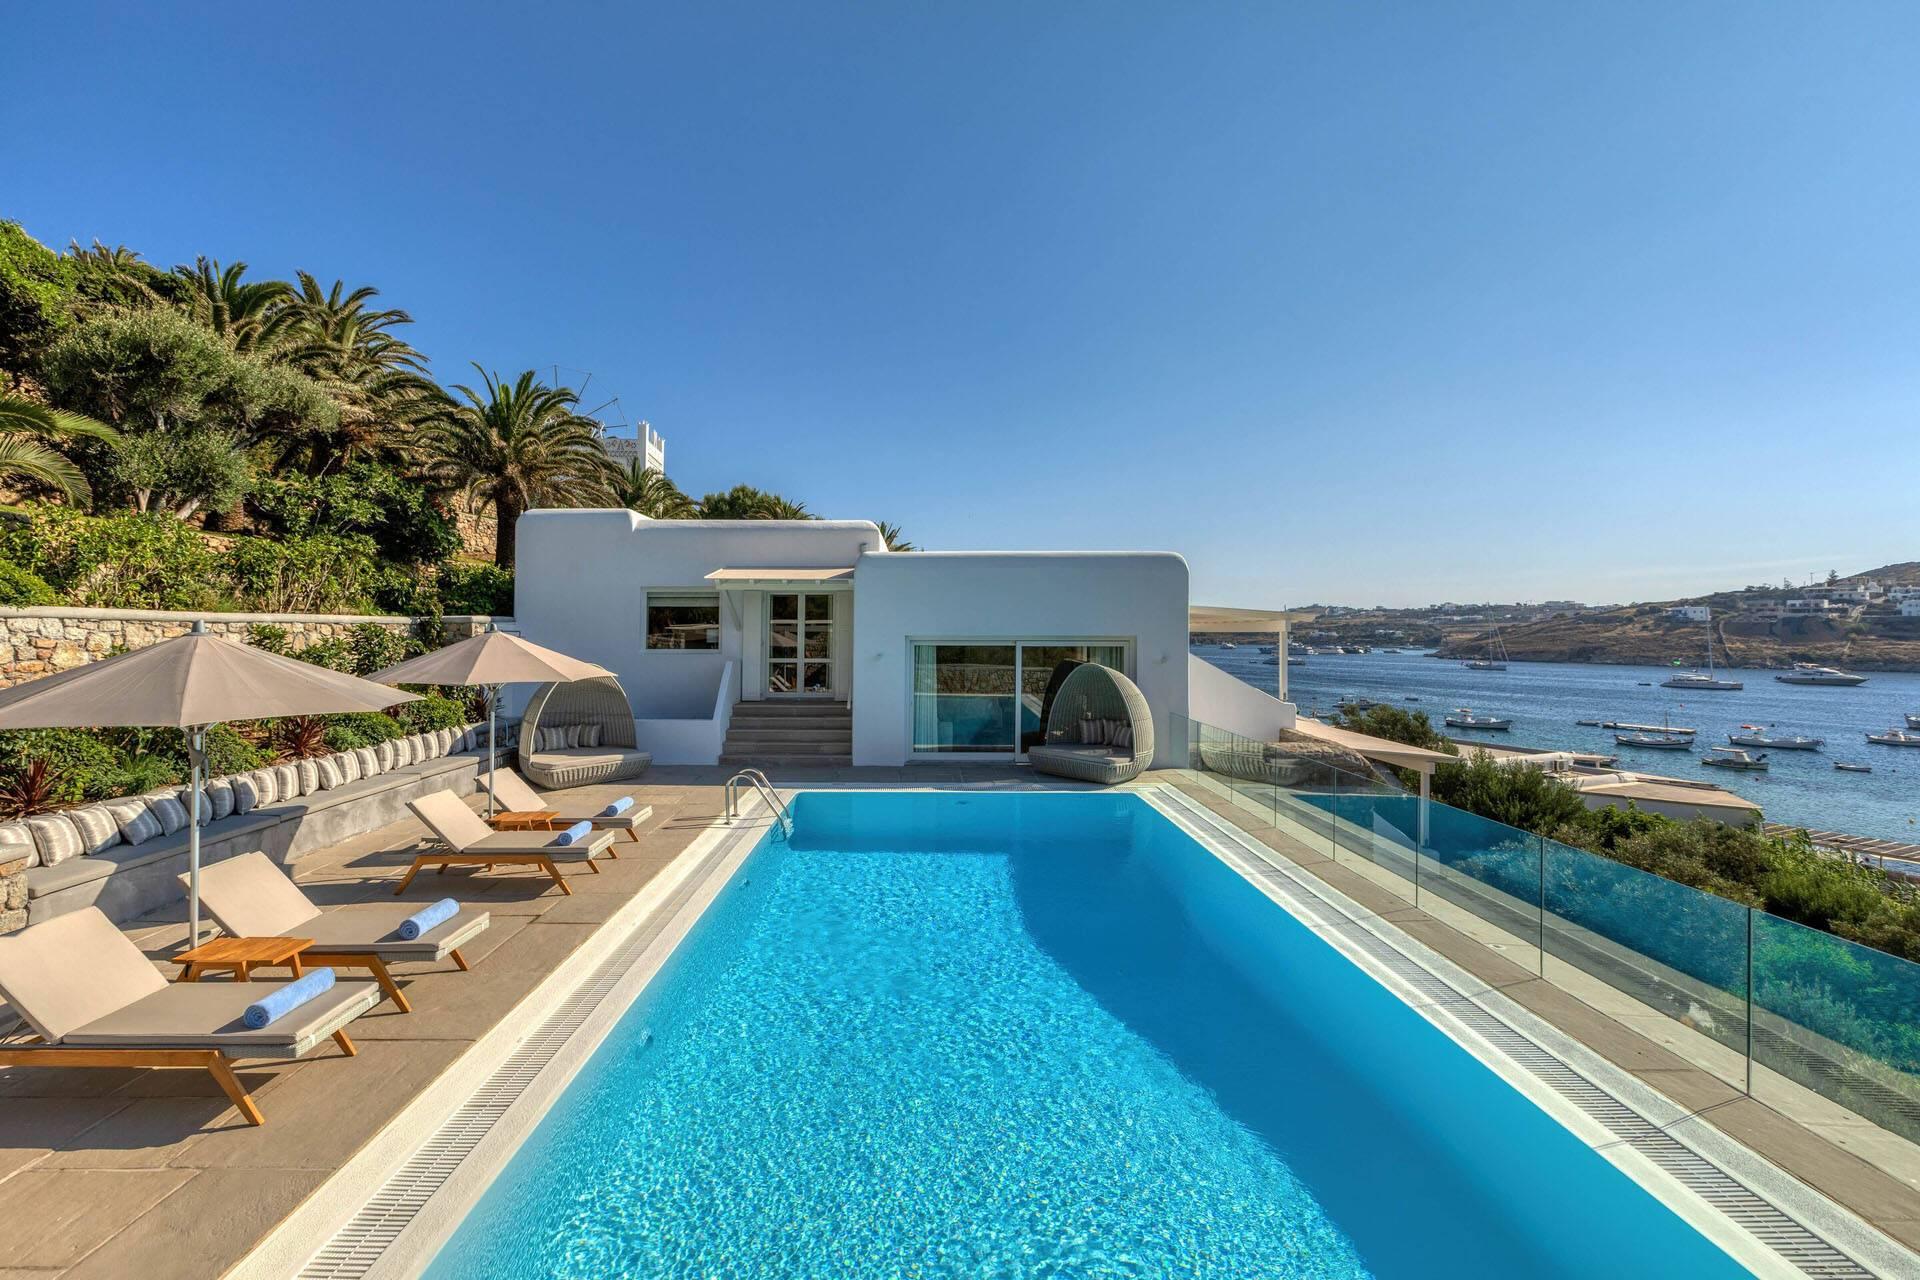 Santa Marina Mykonos turquoise villa